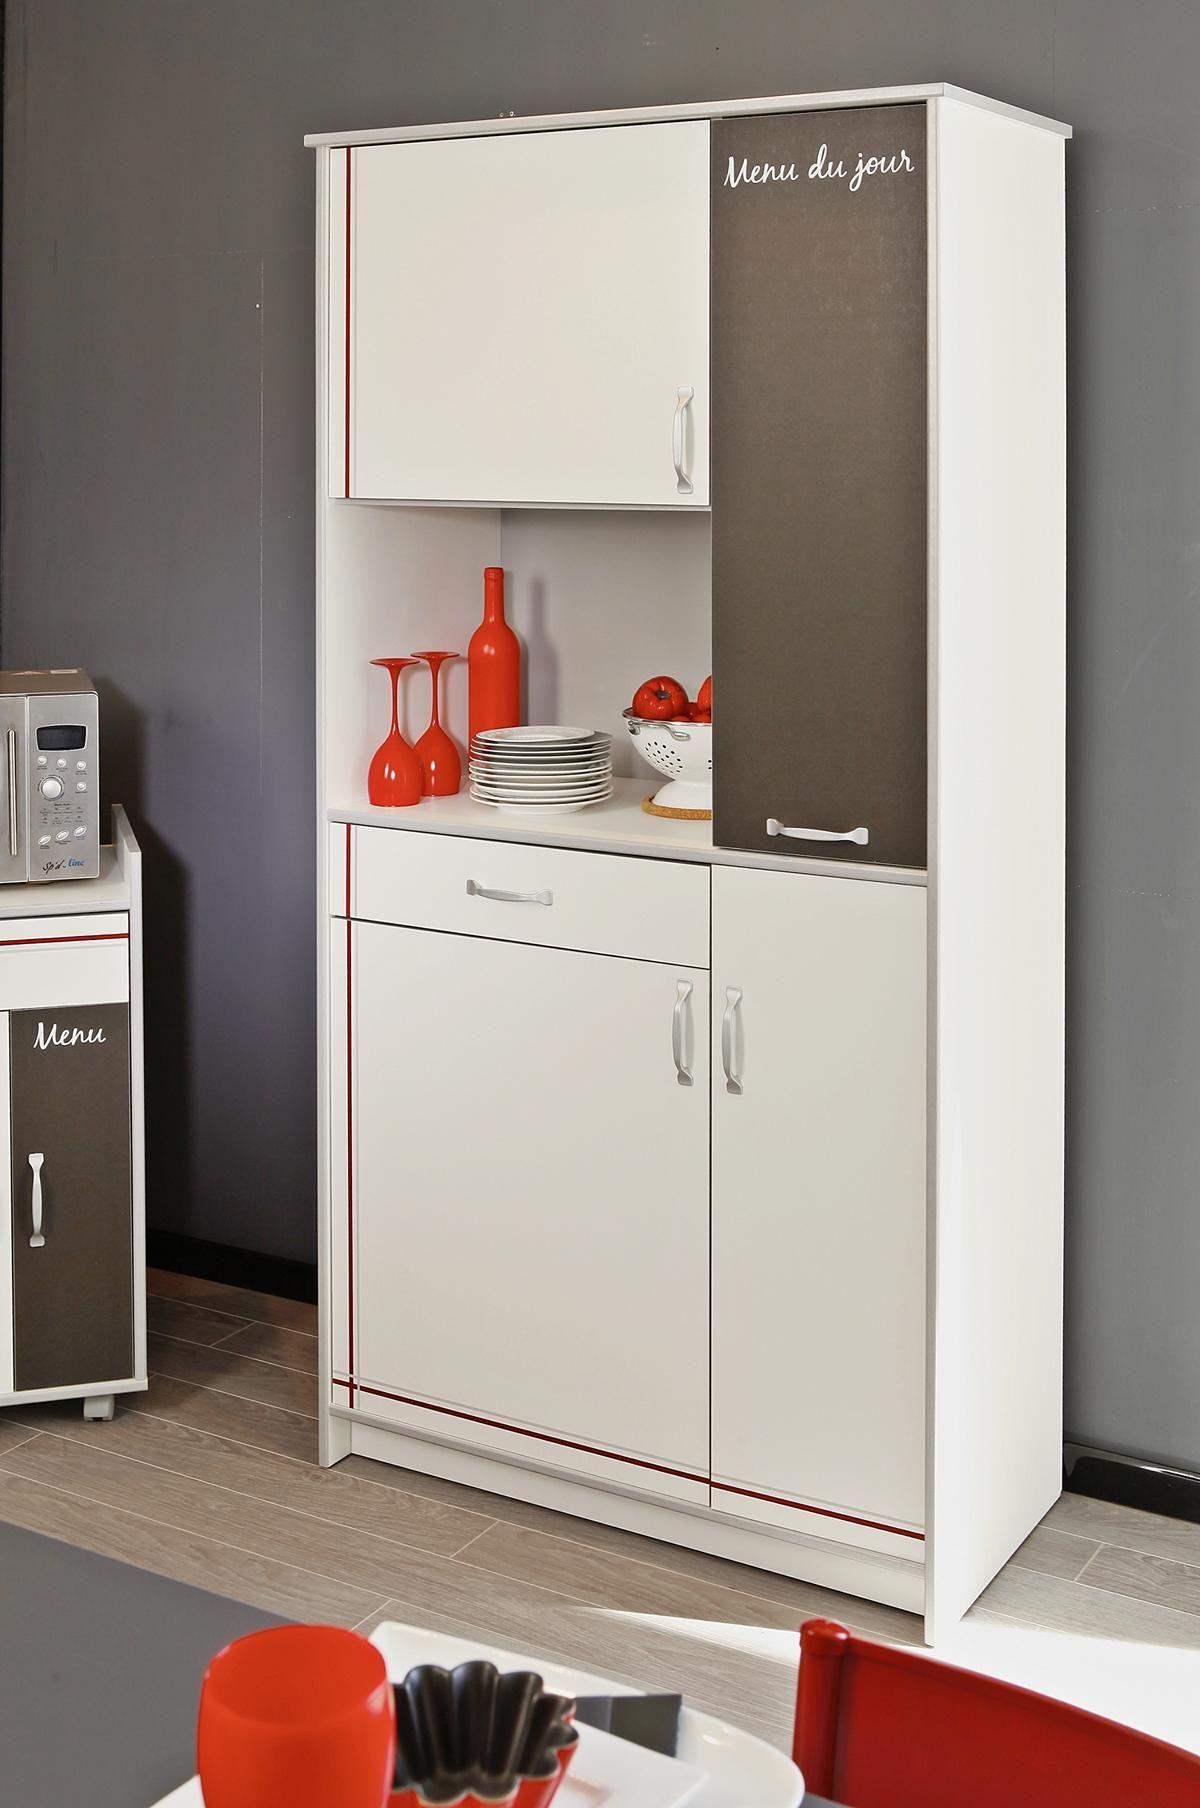 Küchenschrank Matteo I Die Küchenmöbel von Matteo sind ideal ...